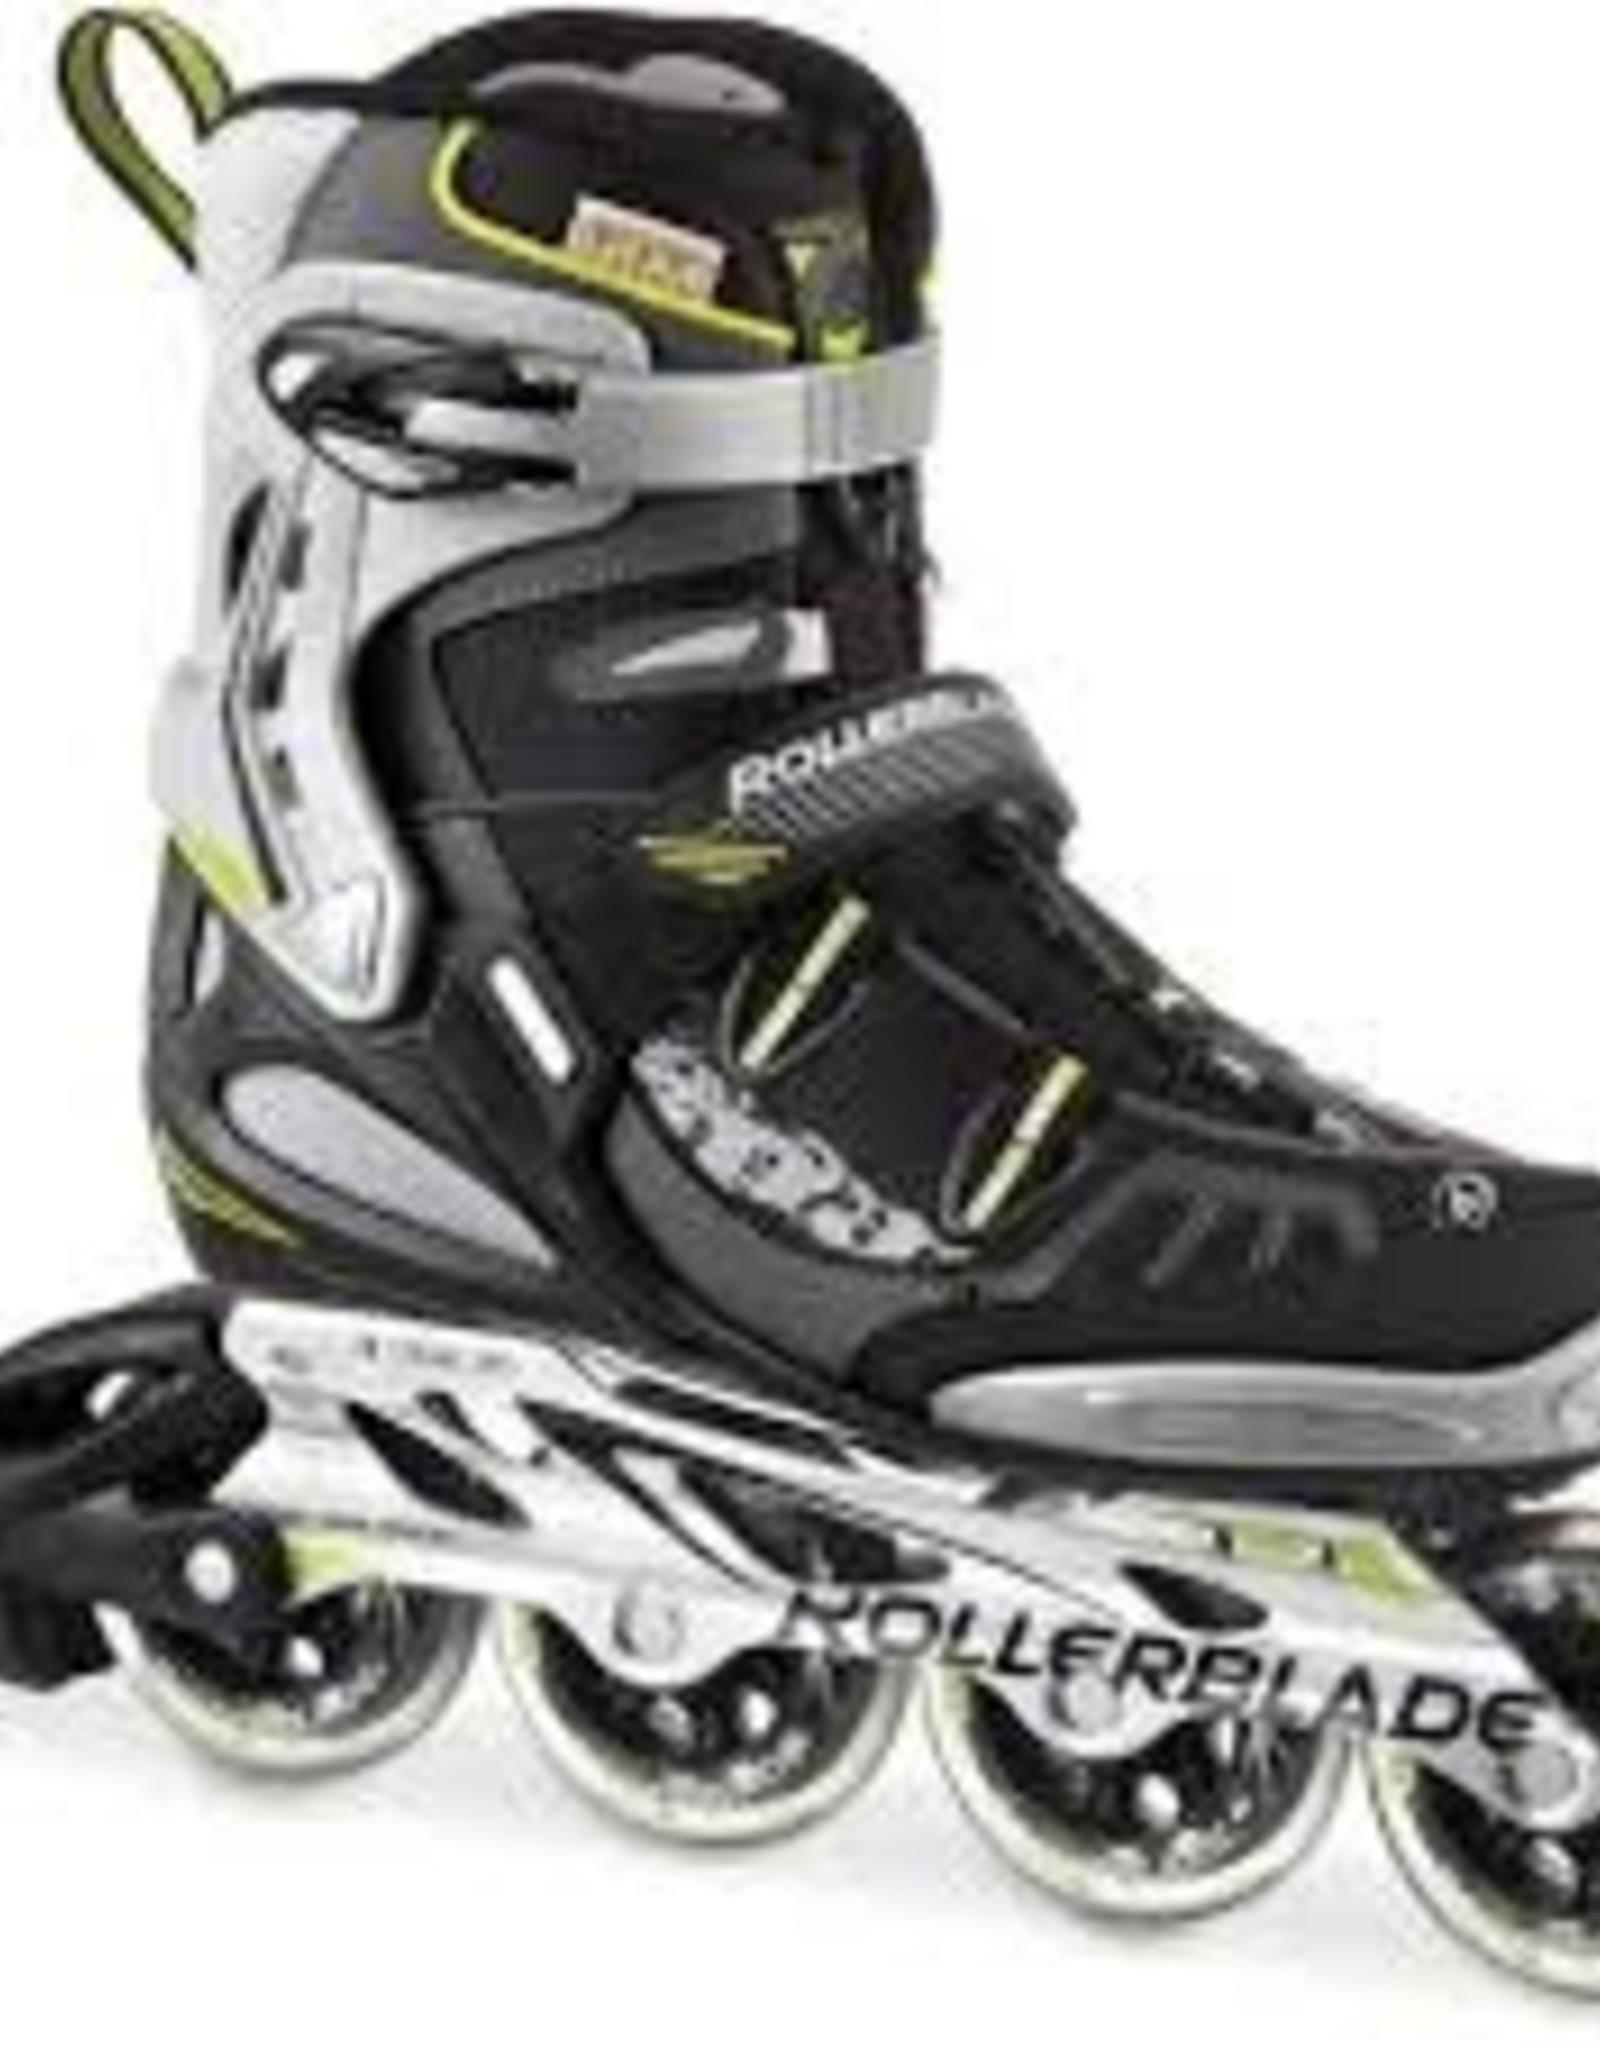 Rollerblade Spark 84